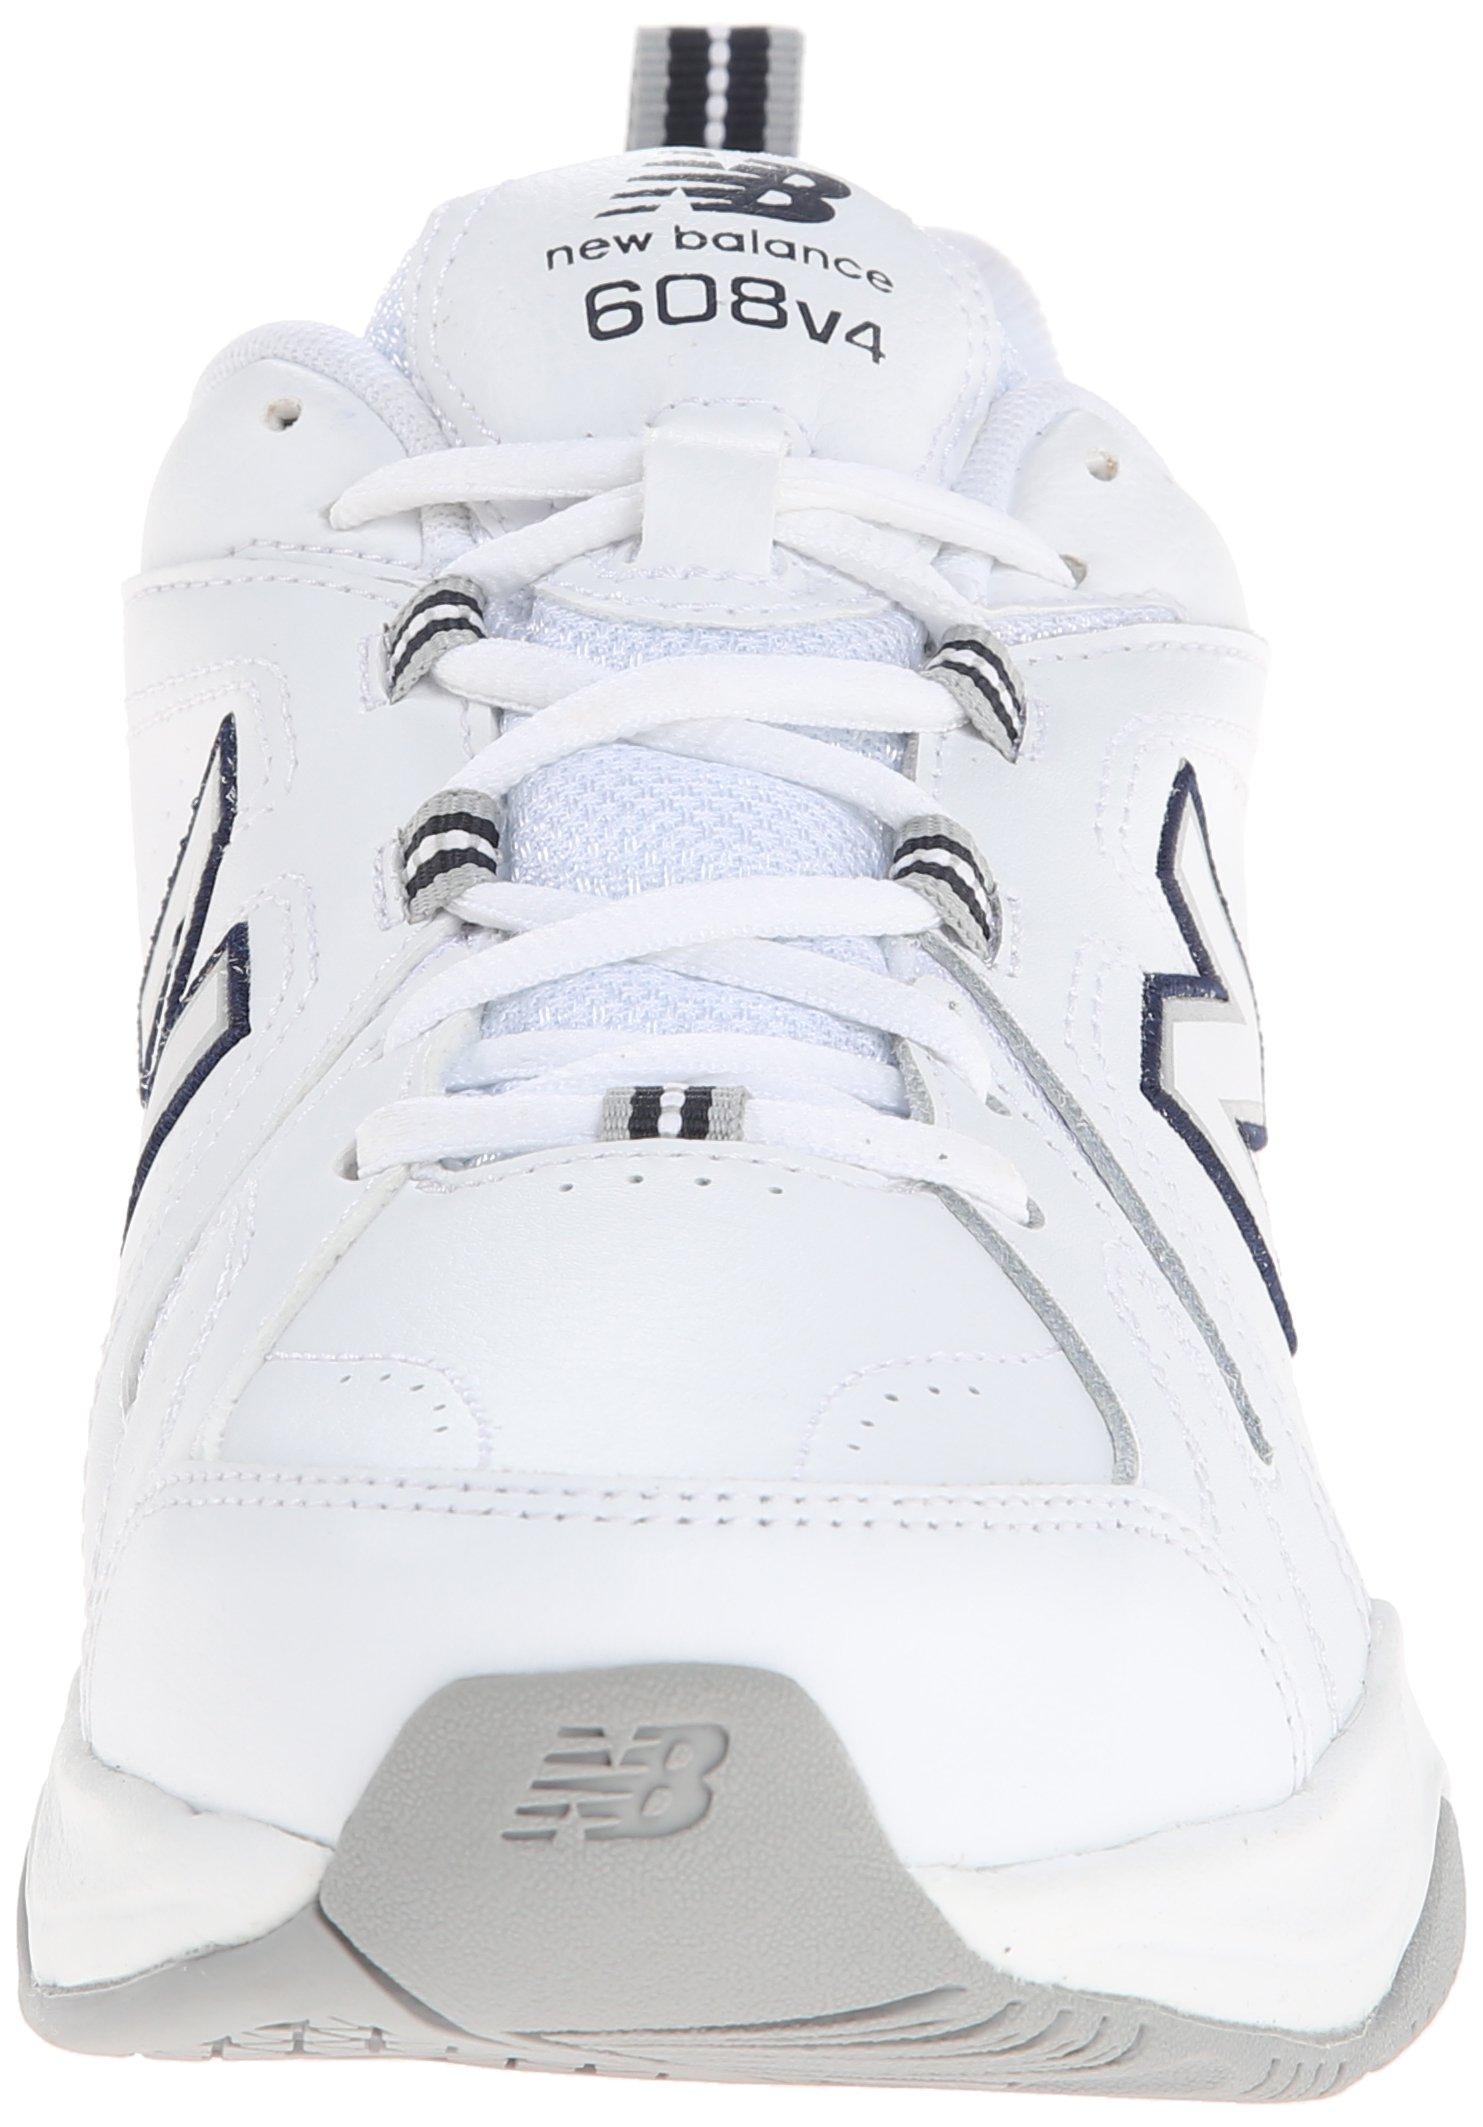 New Balance Women's WX608v4 Training Shoe, White/Navy, 8.5 D US by New Balance (Image #4)